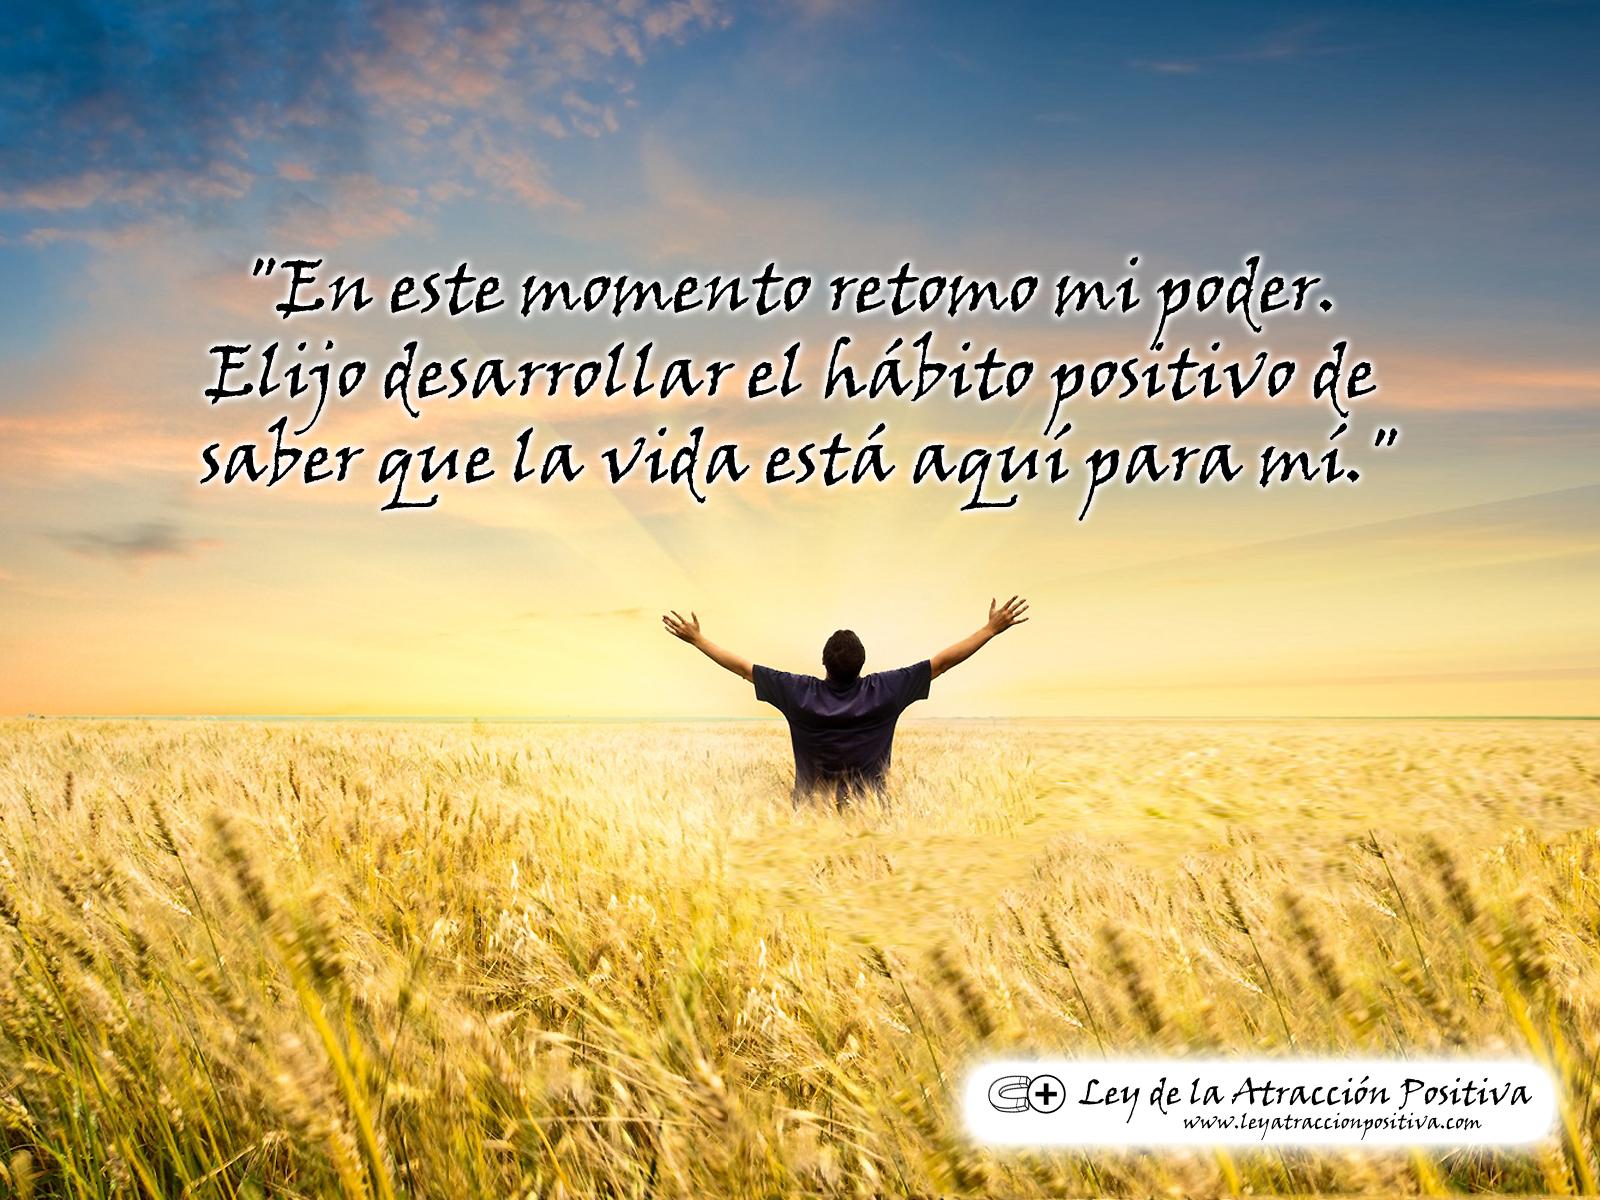 http://3.bp.blogspot.com/-7tmW145fg28/Tgfp4QjhTbI/AAAAAAAABzo/PAJ_rGXmGdQ/s1600/Afirmaciones-Decretos-El-Secreto-Ley-de-Atraccion-Positiva-01.jpg